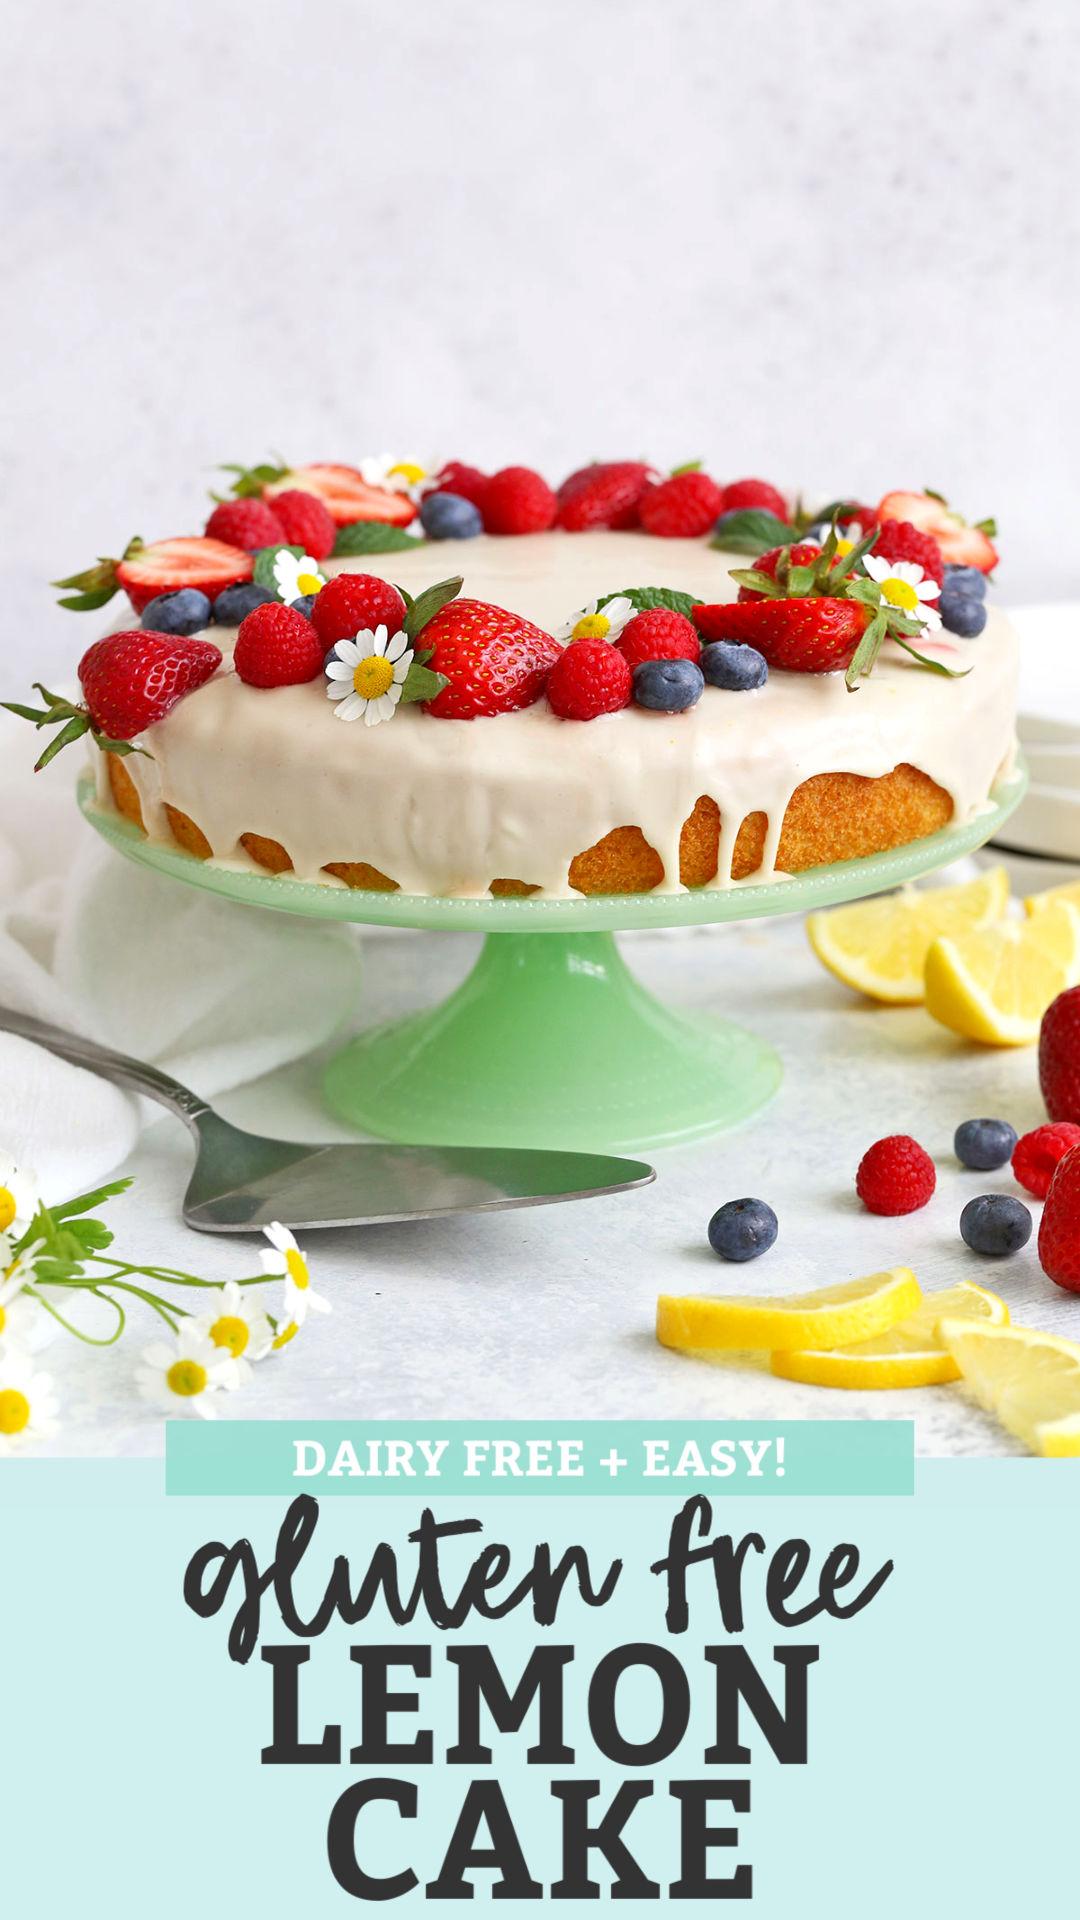 Gluten Free Lemon Cake from One Lovely Life